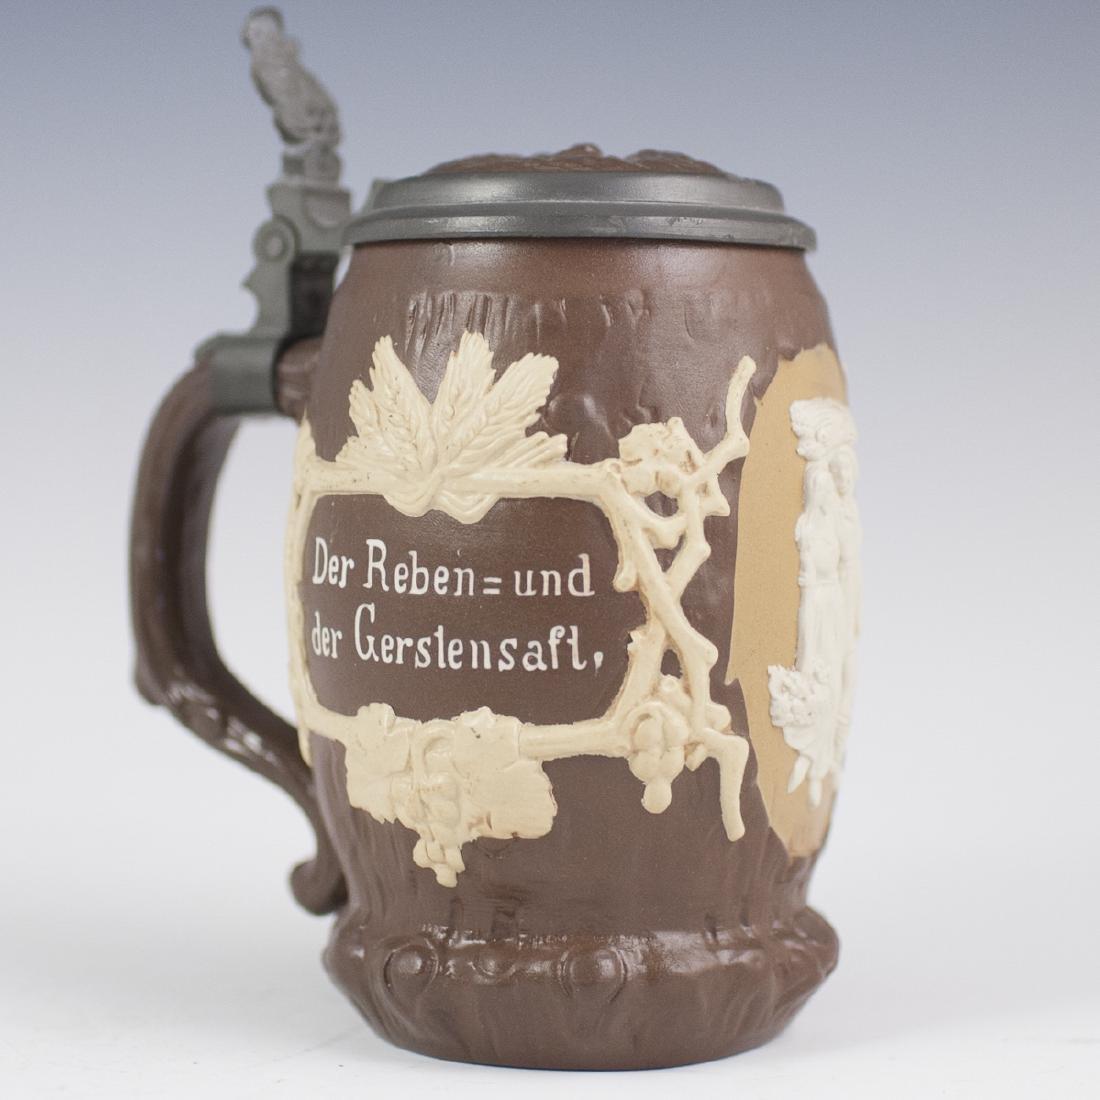 Antique Villeroy & Boch Porcelain Beer Stein - 4